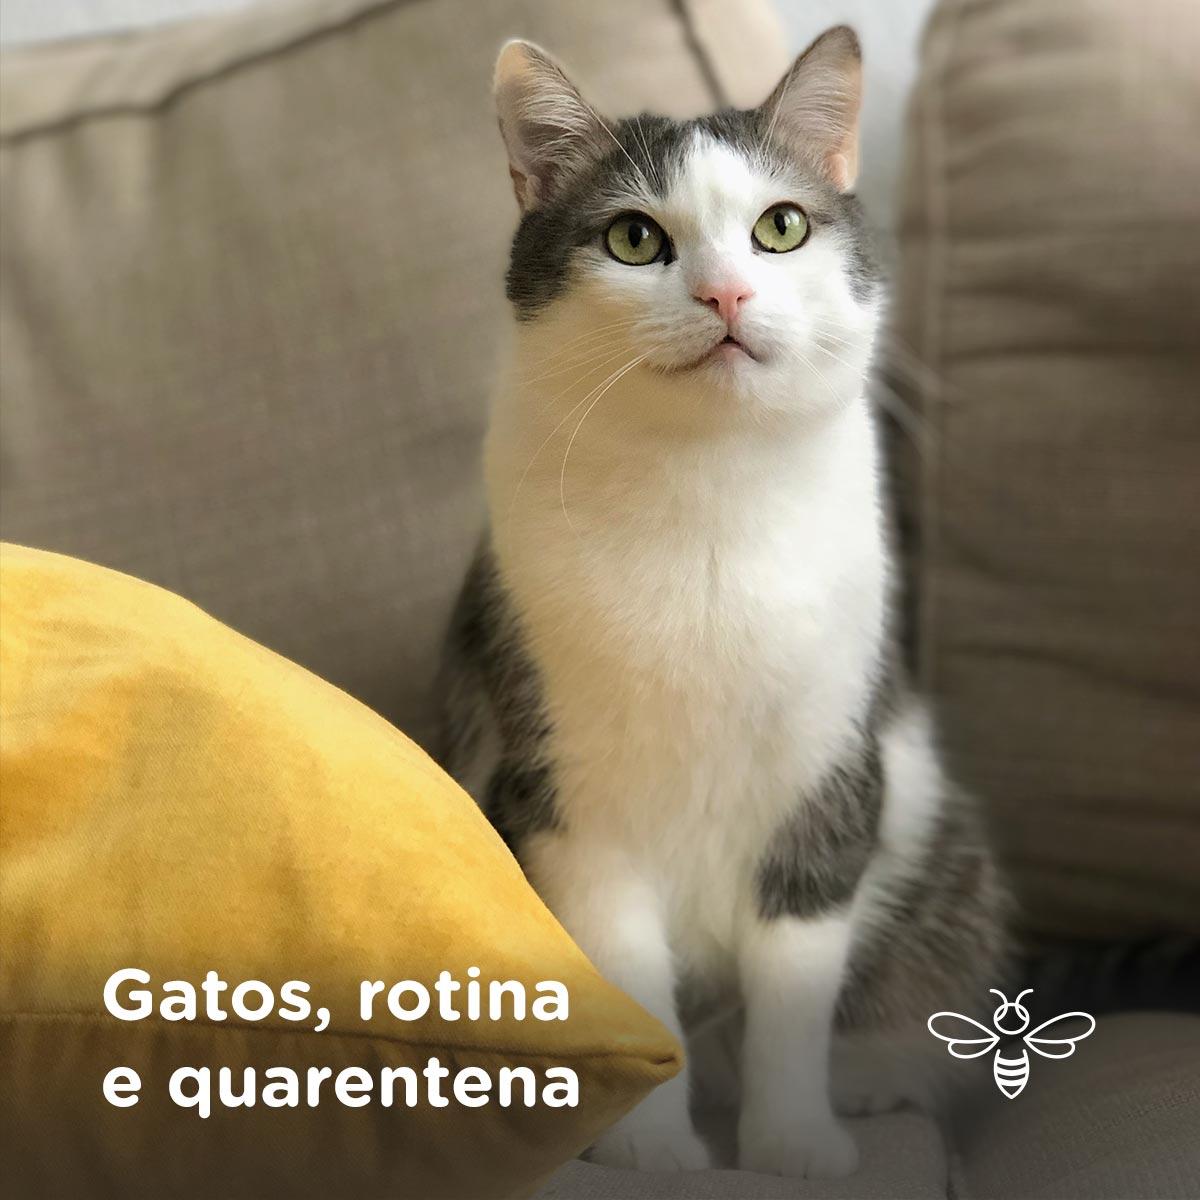 Gatos rotina e quarentena